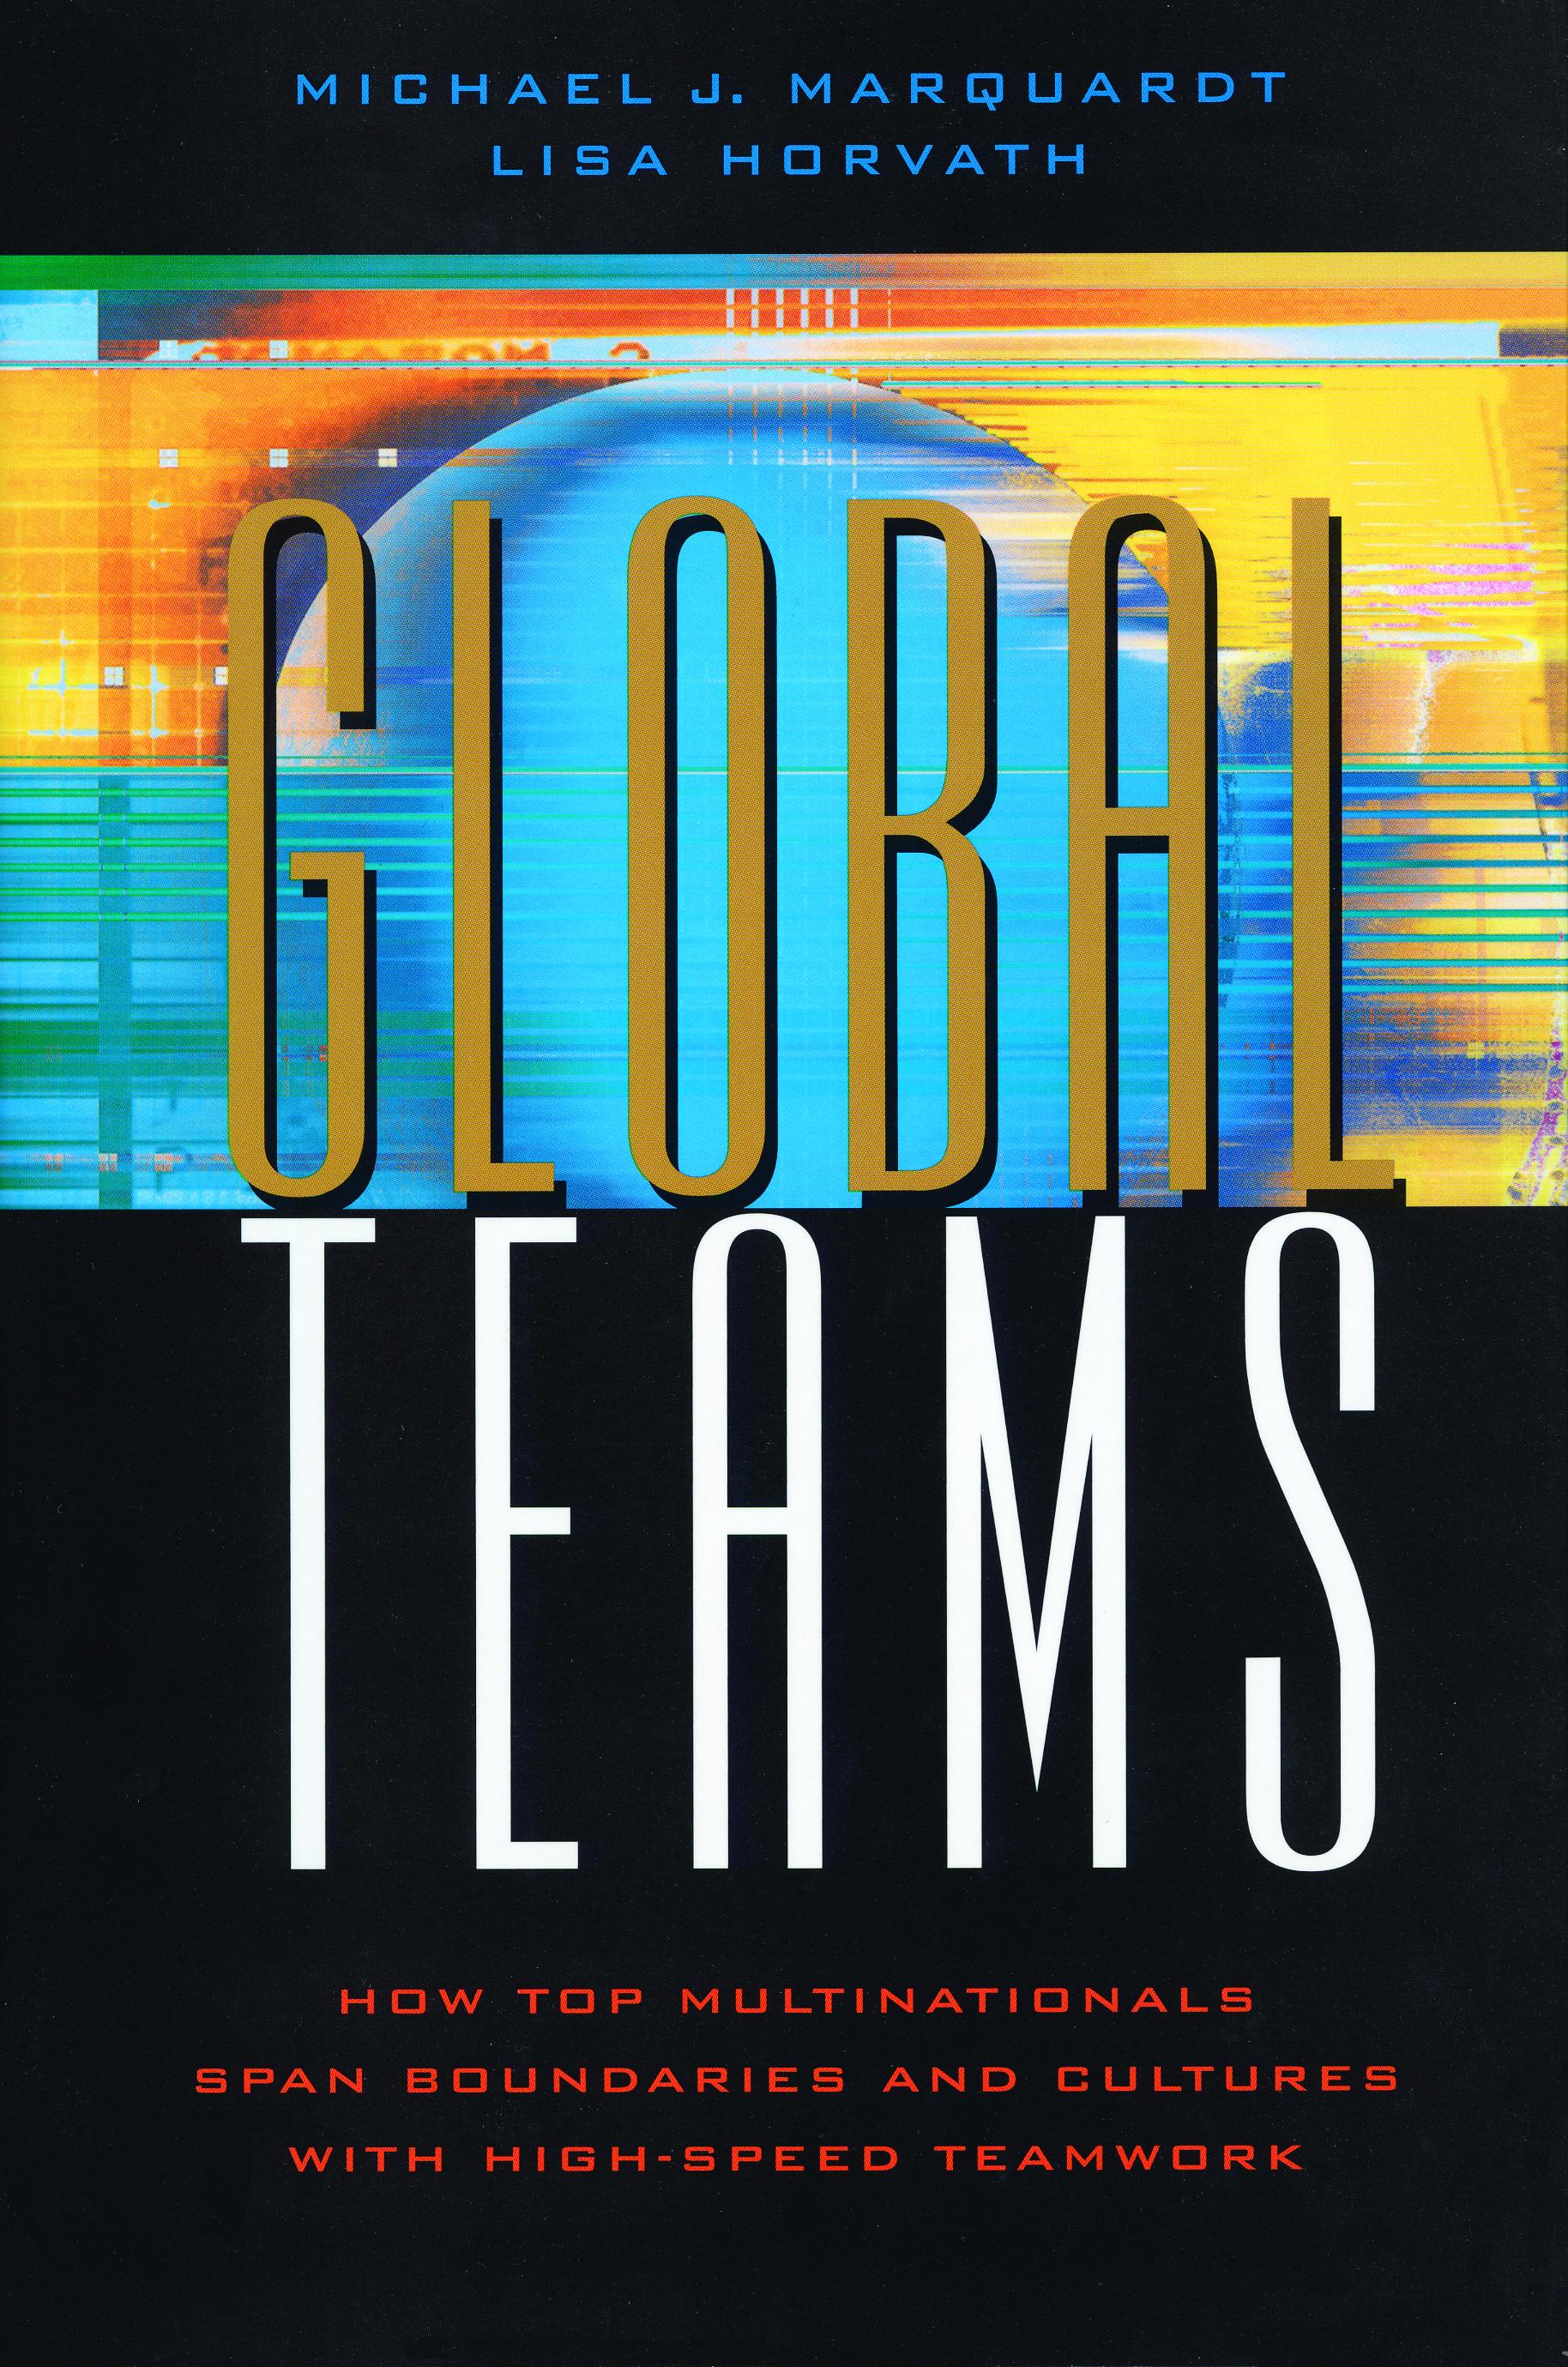 Global Teams hi-res.jpg